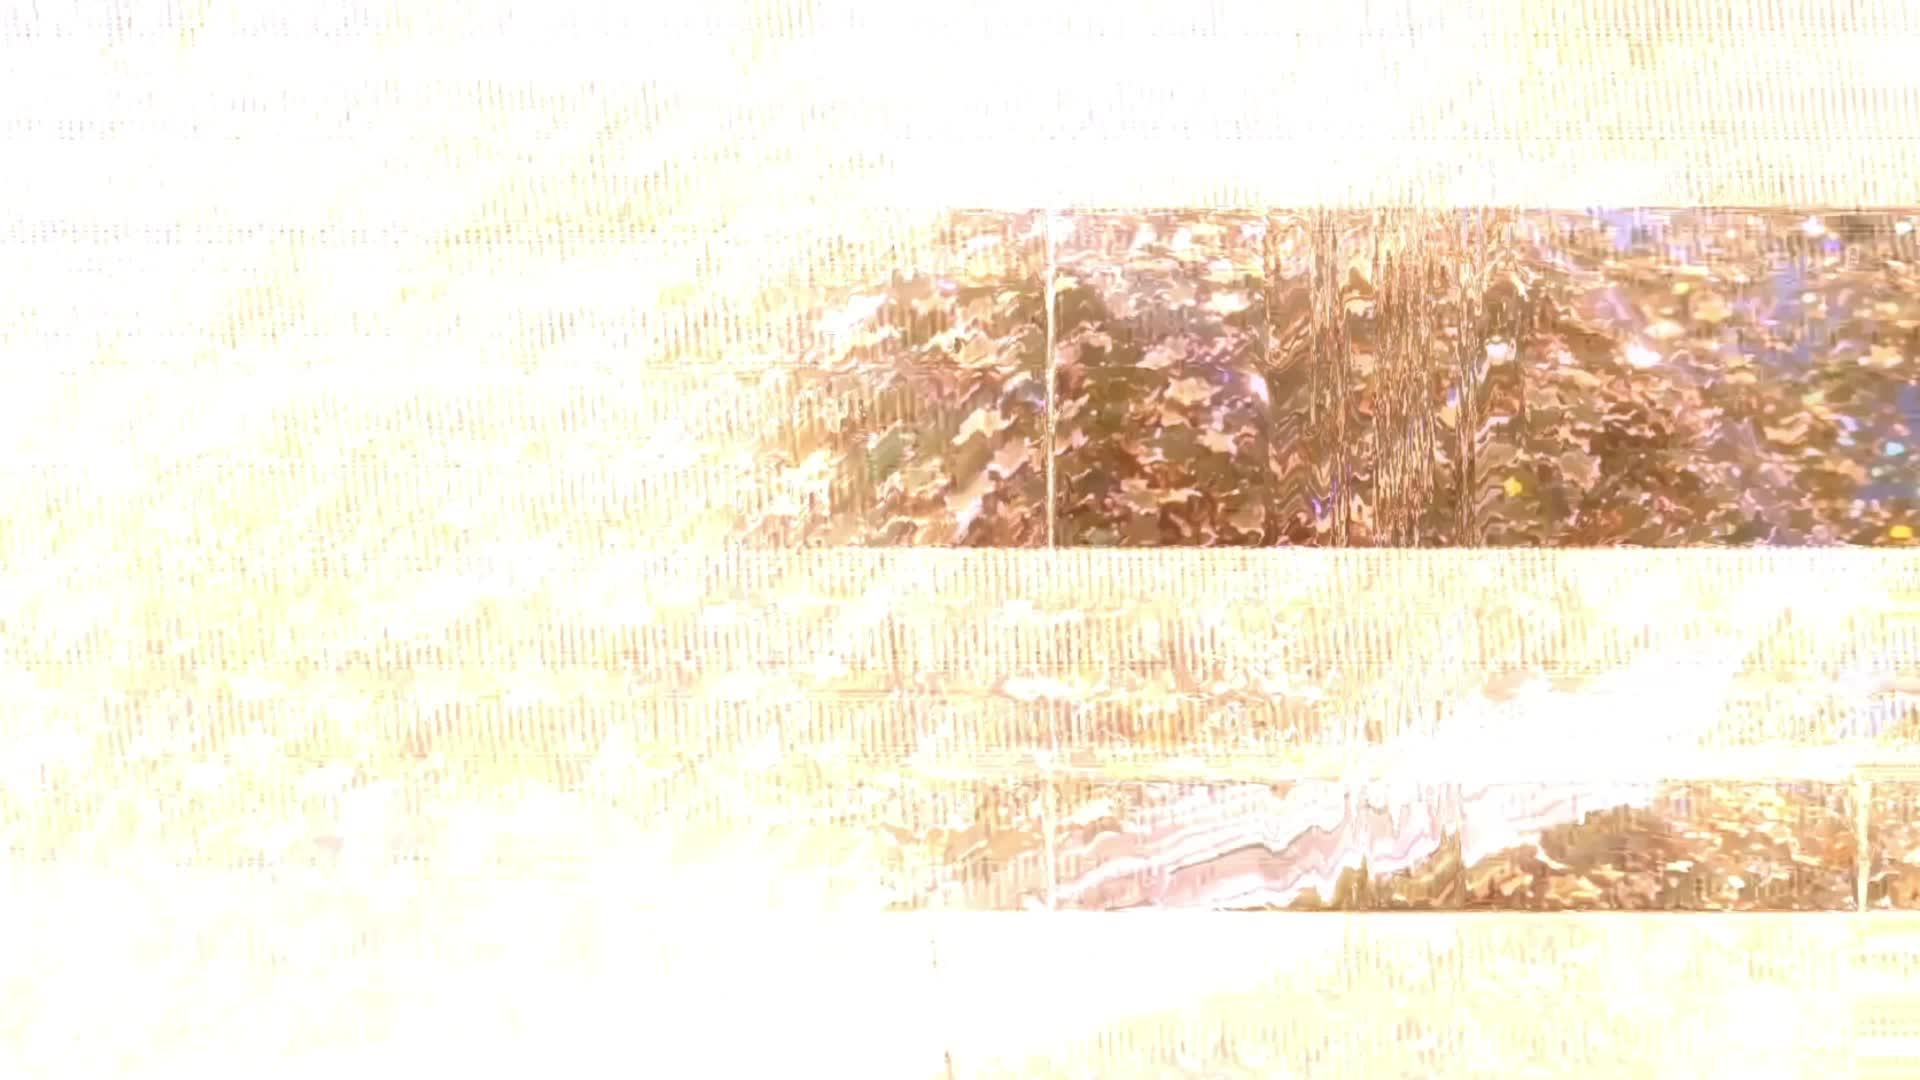 Videoleap-0A494C5D-3A29-4A18-85AC-AB29A8883A5C